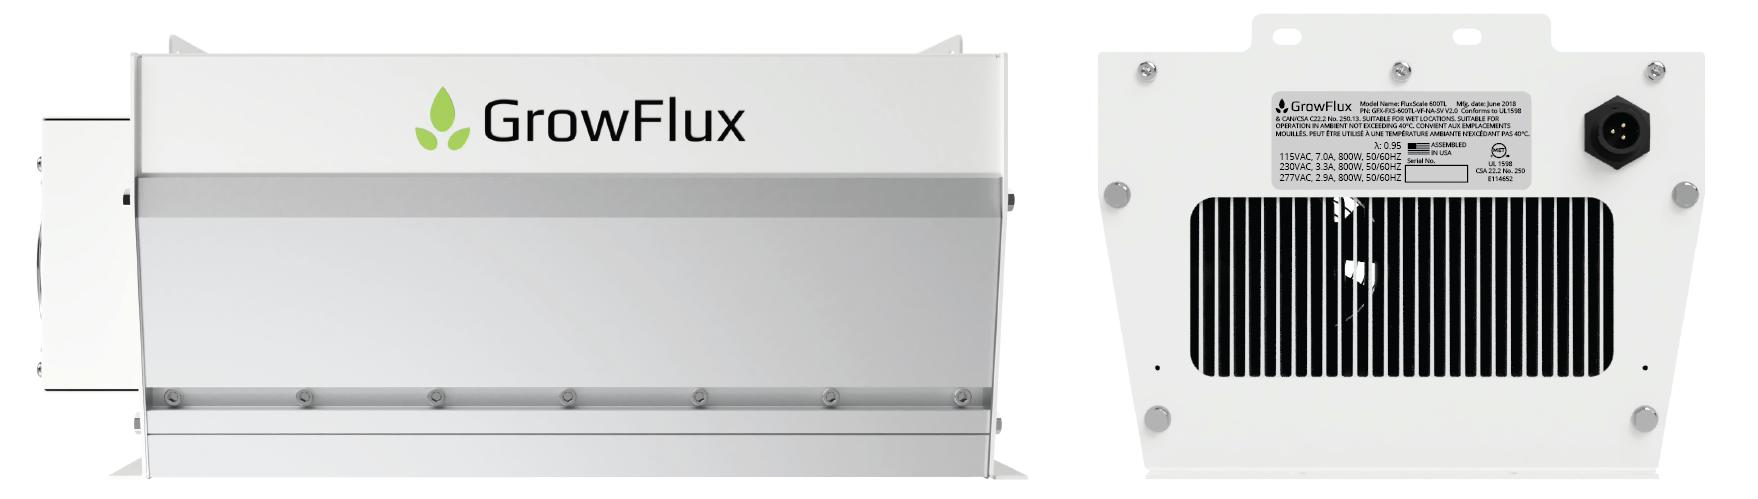 FluxScale fixture 2 elevation views